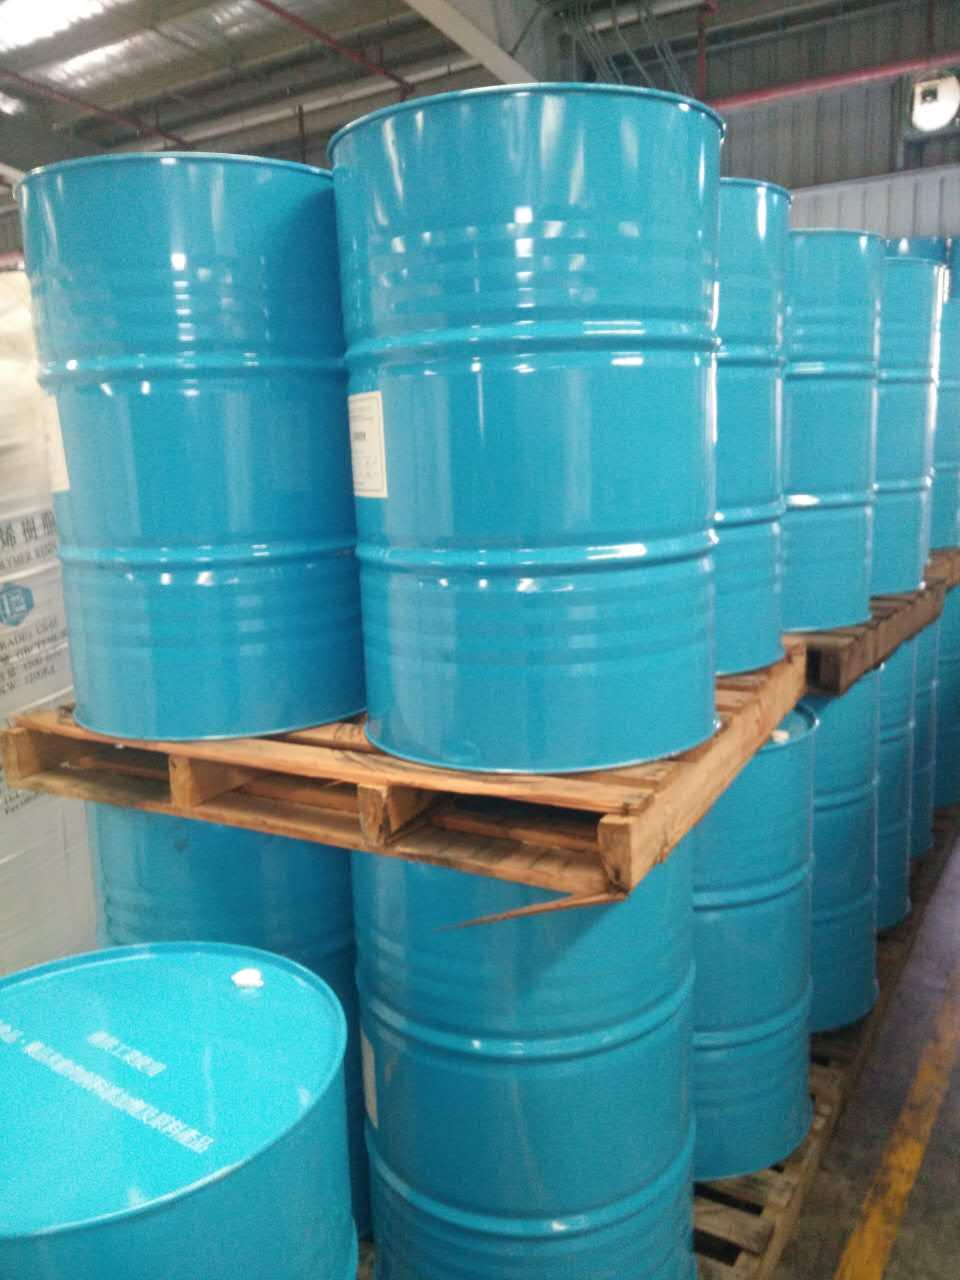 联成聚酯环保增塑剂UN615 己二酸聚酯 SGS环保?#29616;? class=